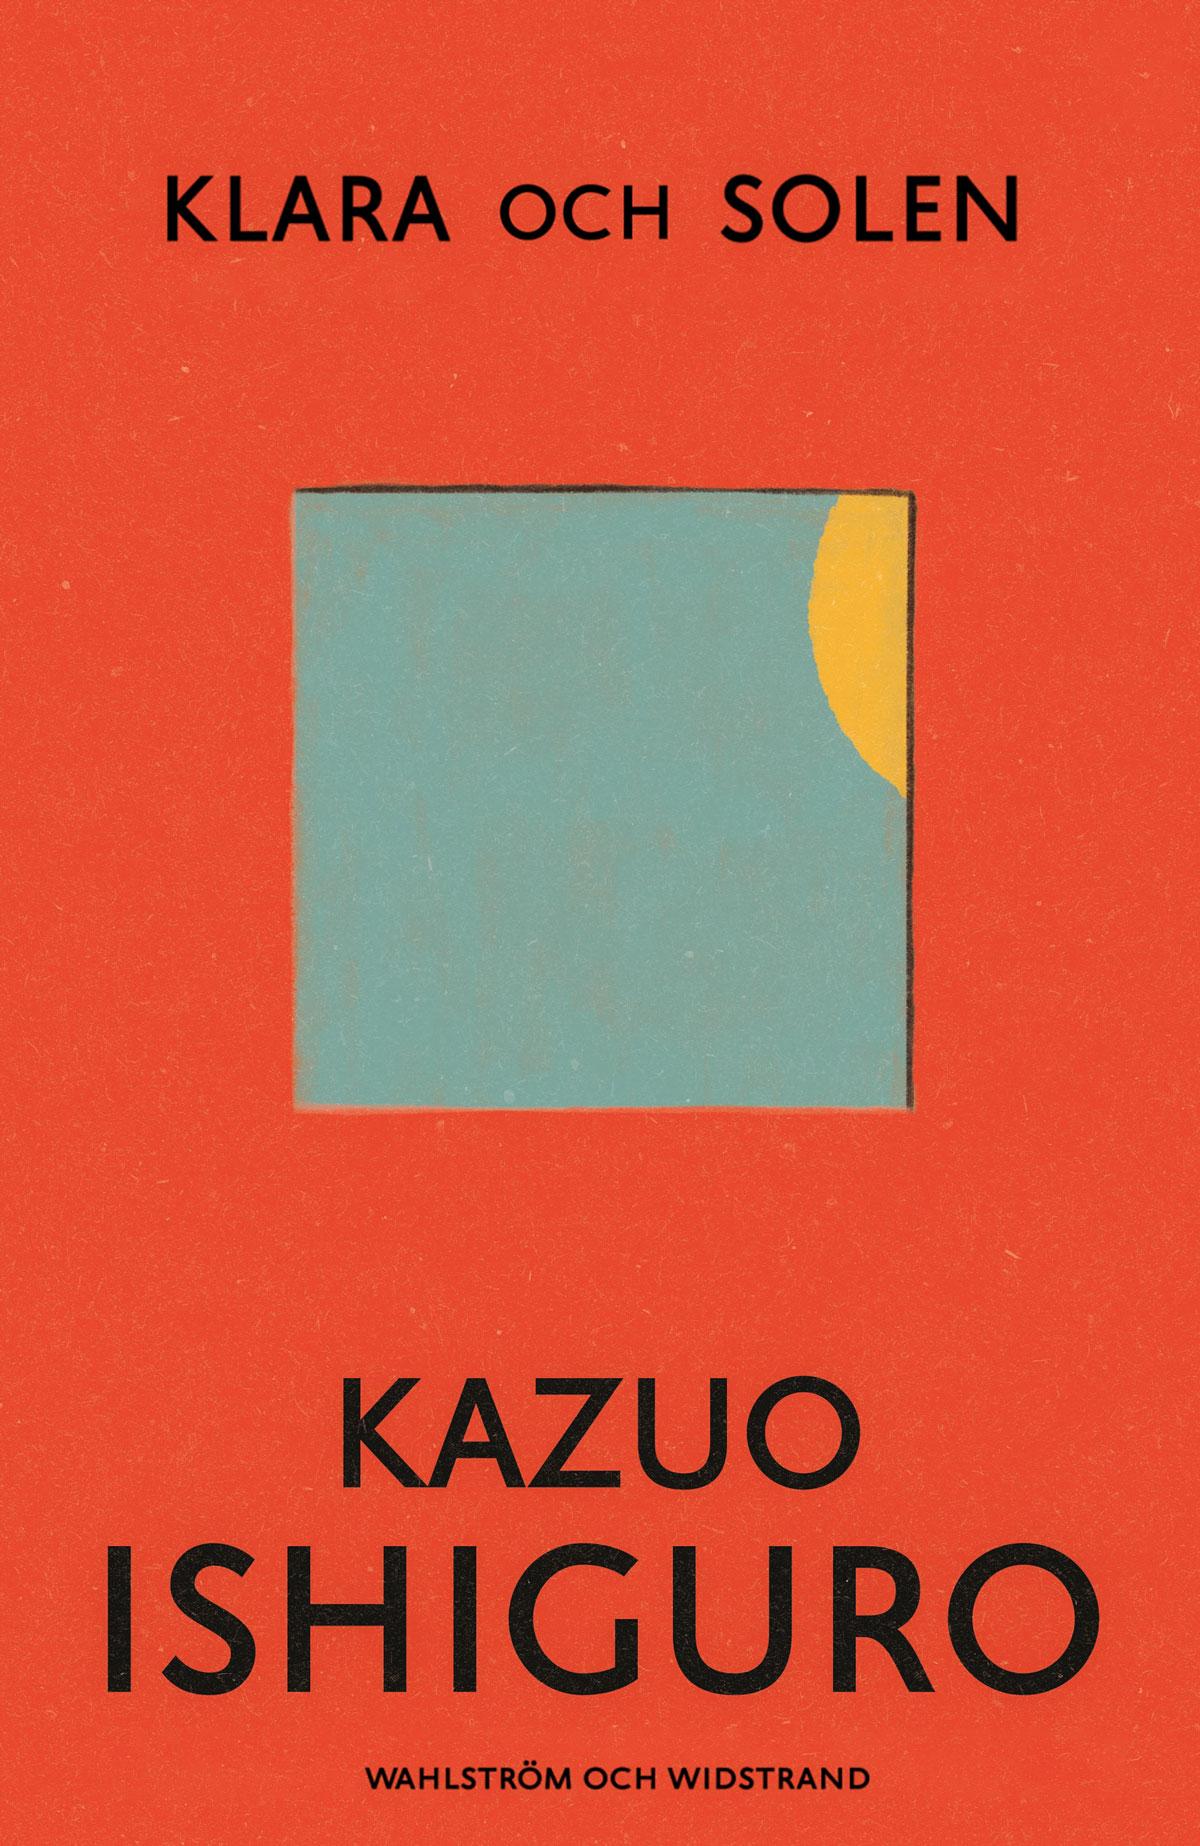 Kazuo Ishiguro Klara och solen